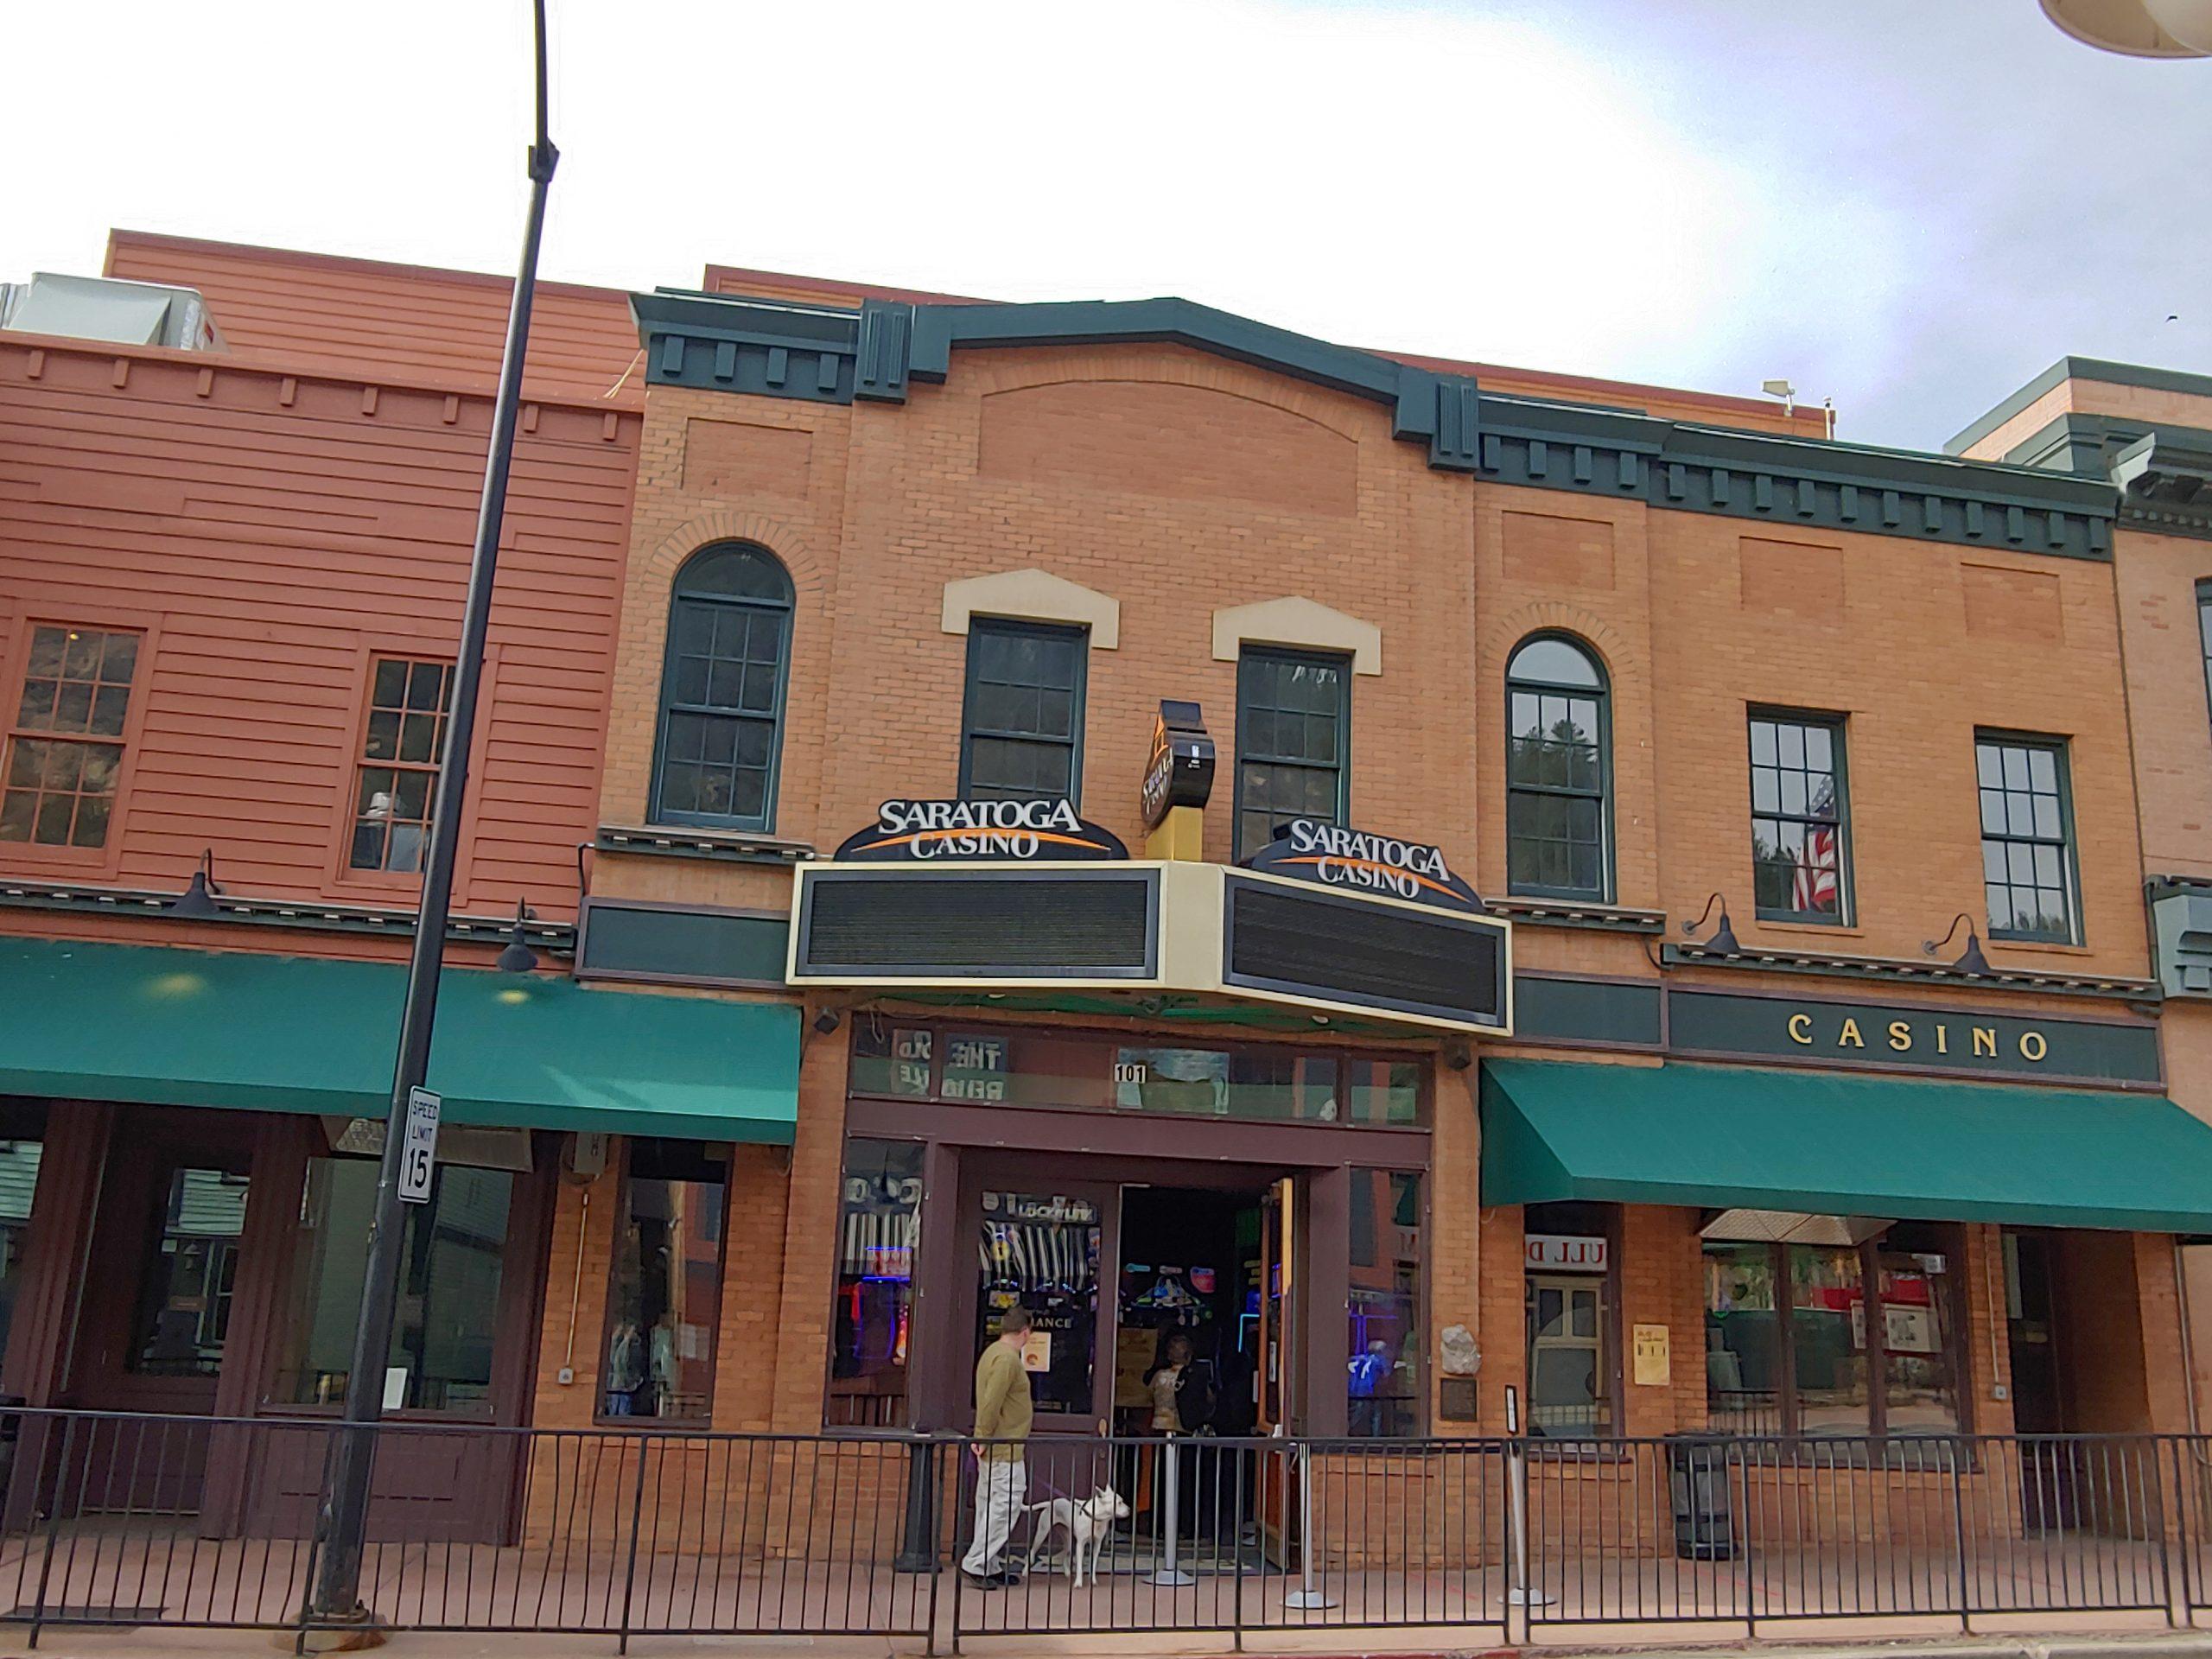 Saratoga Casino 07